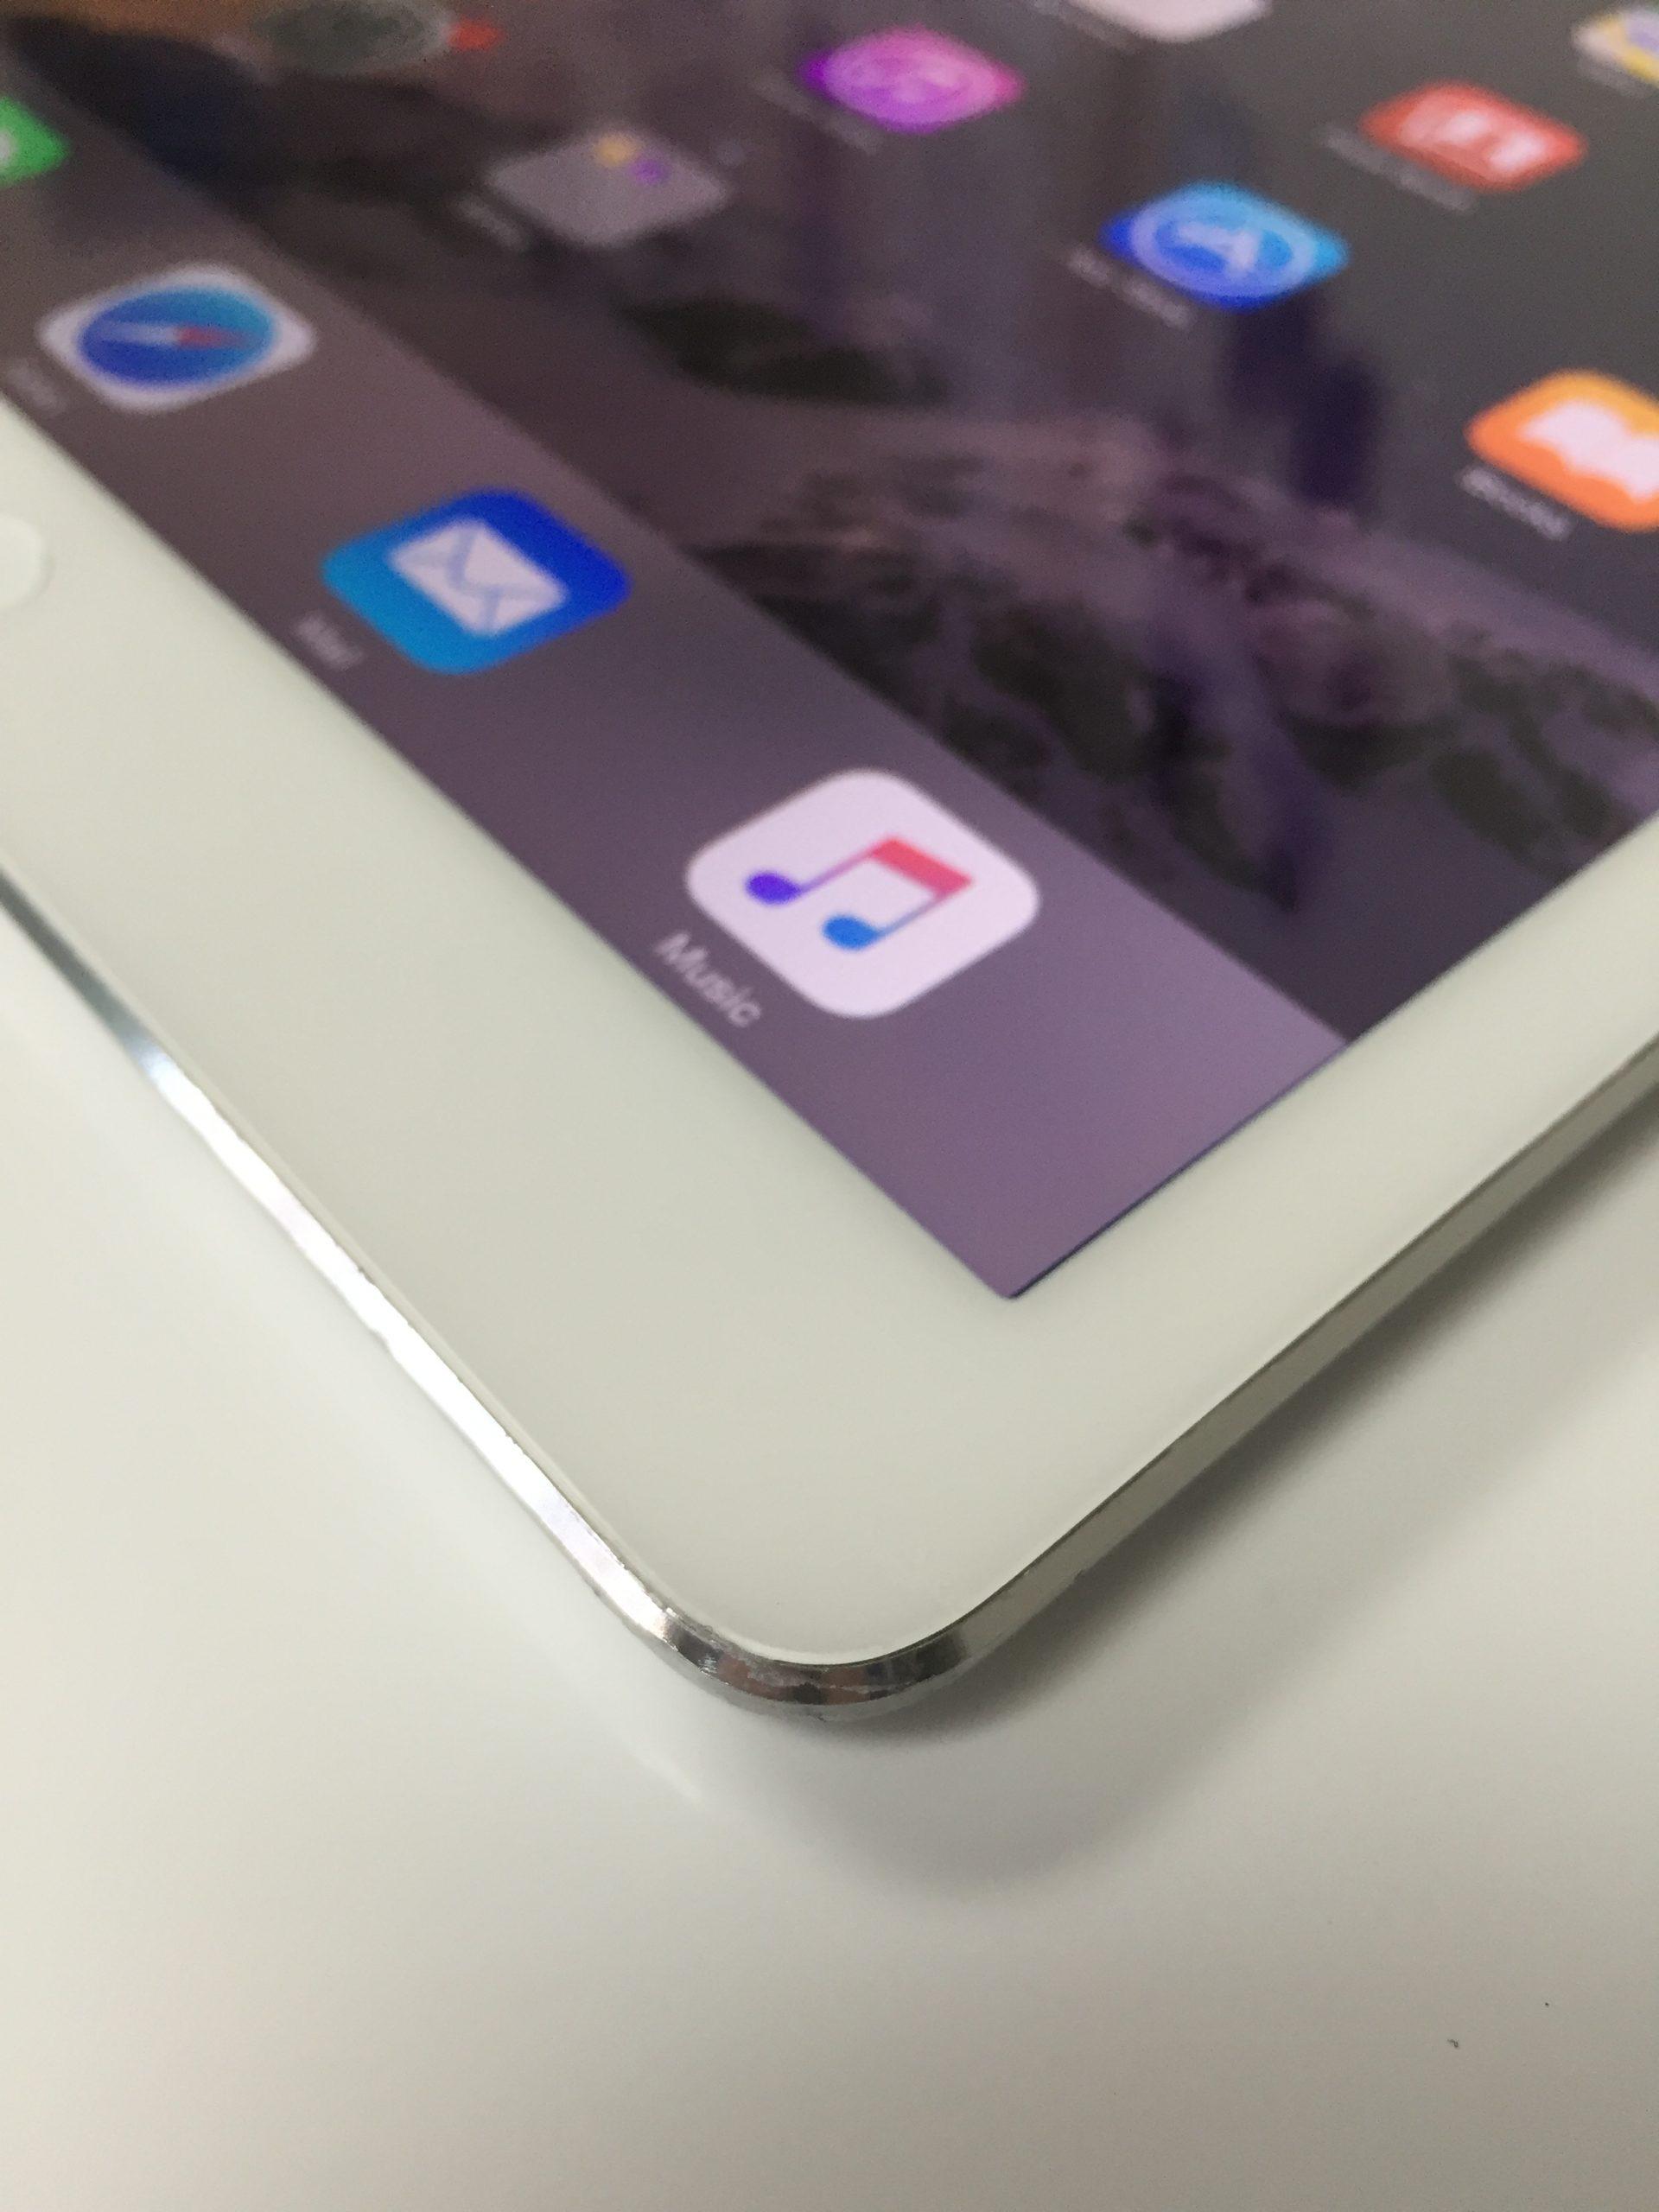 iPad Air 1st Generation 32GB